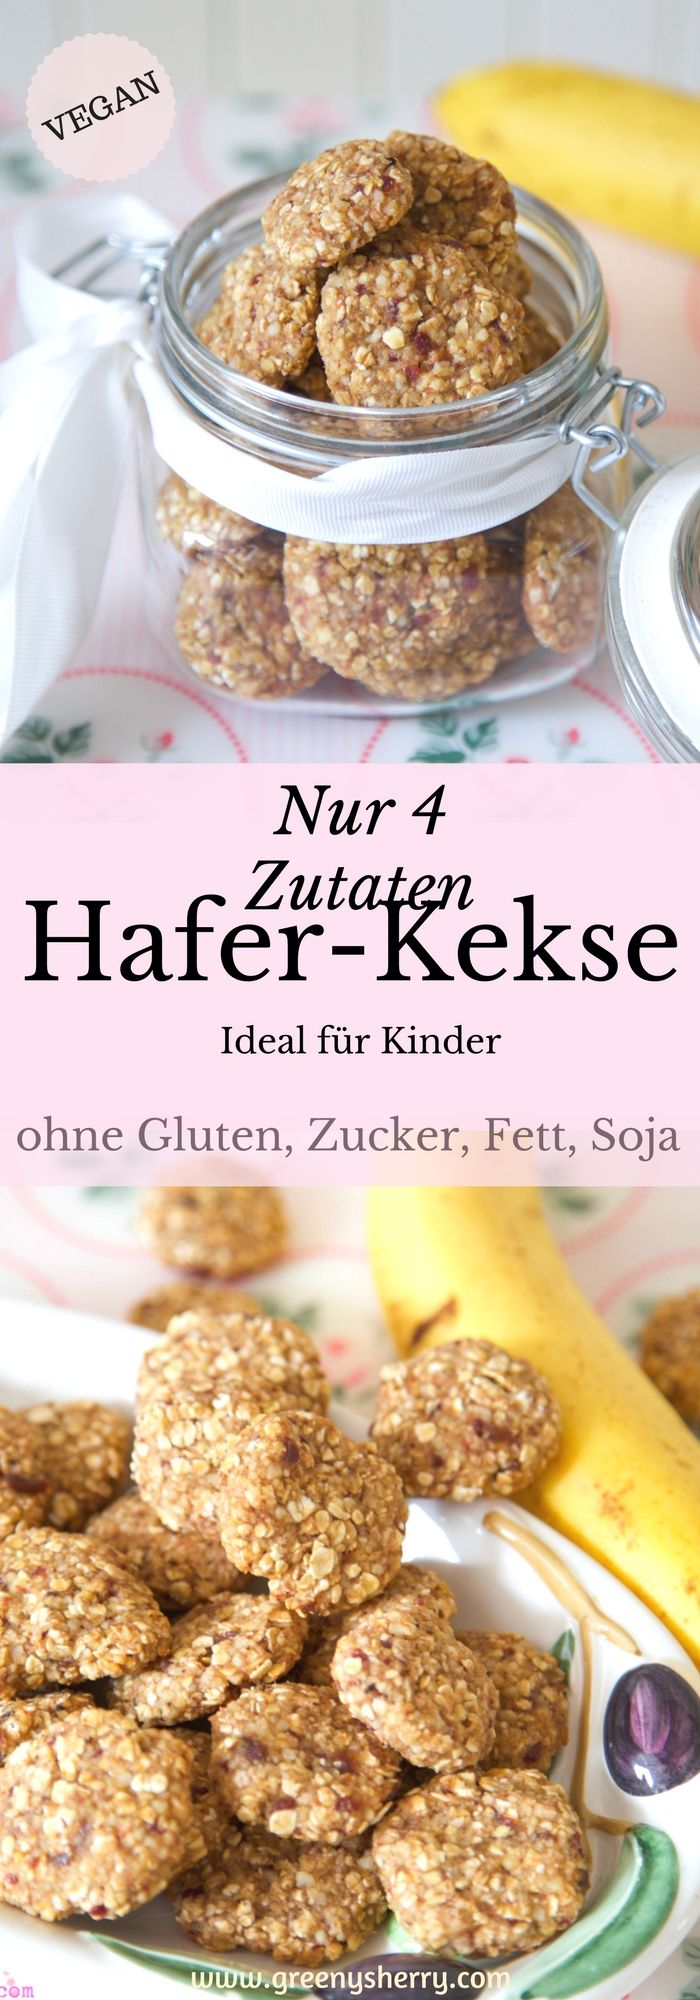 Gesunde Hafer-Kekse – Einfach, lecker und Ideal für Kinder (GF & vegan) – Greeny Sherry – Vegane Rezepte & grün(er)leben | vegan food & life